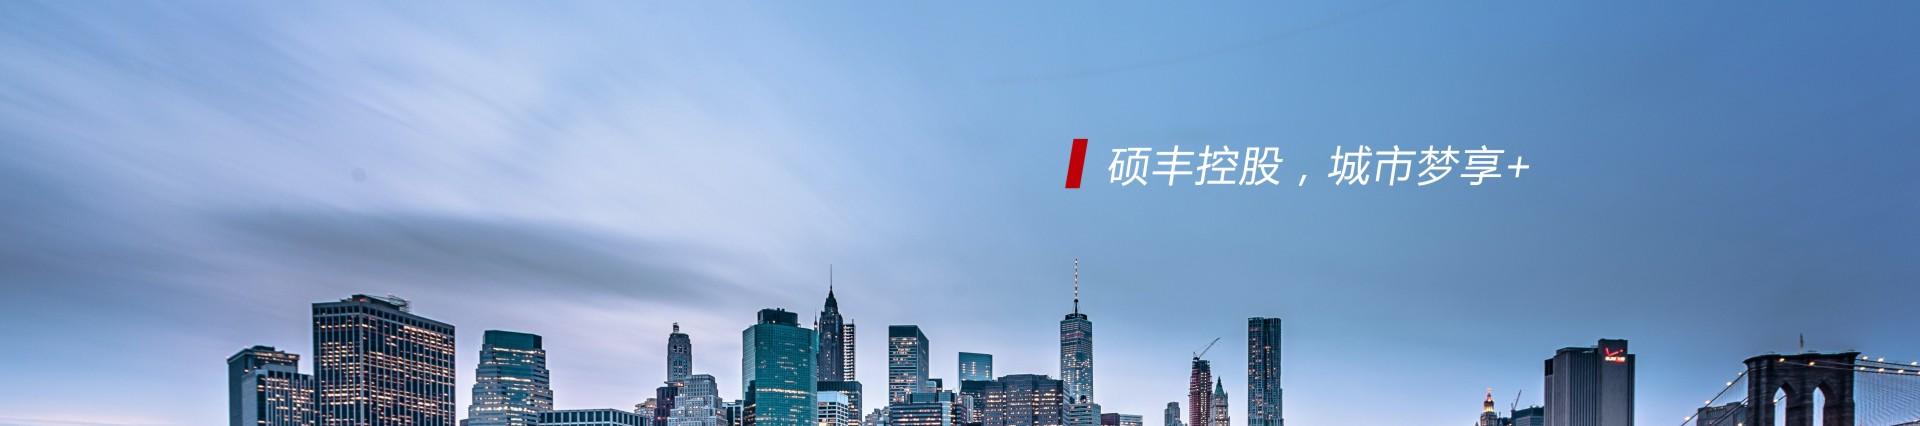 硕丰控股:小城市 大作为 焕新城市生机